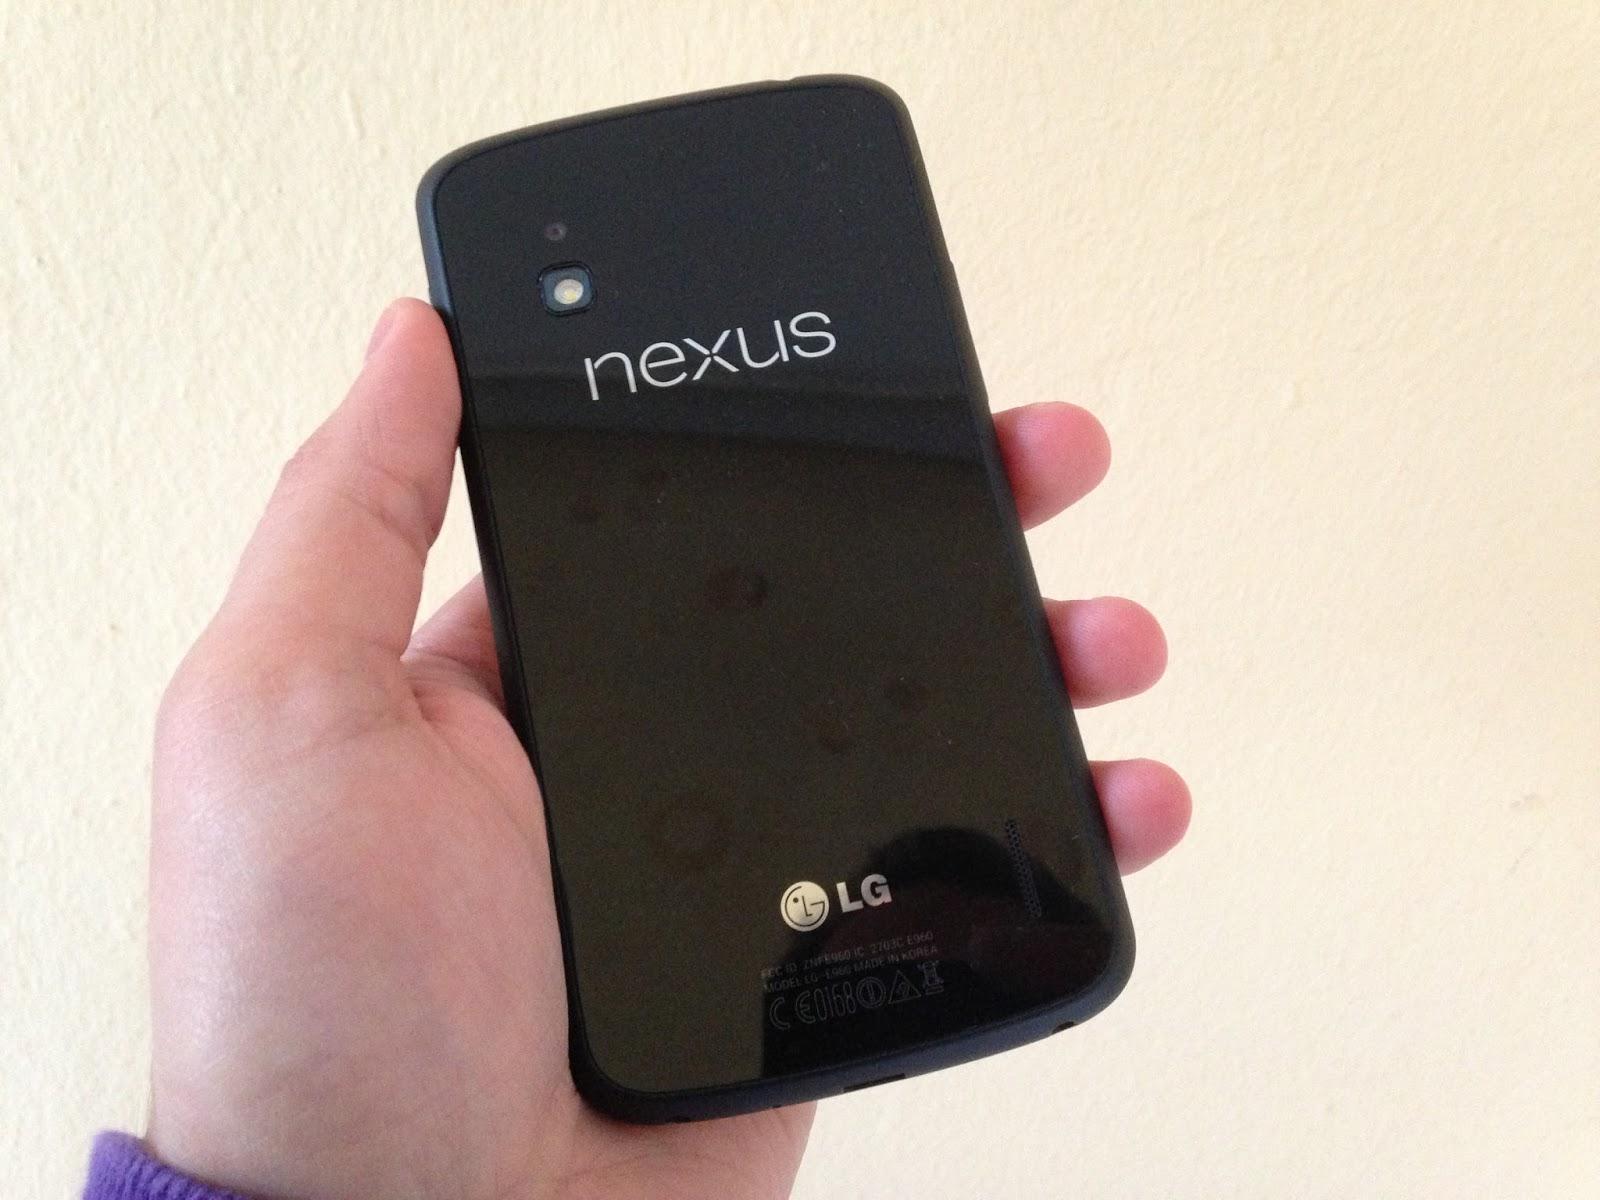 how to delete nexus account